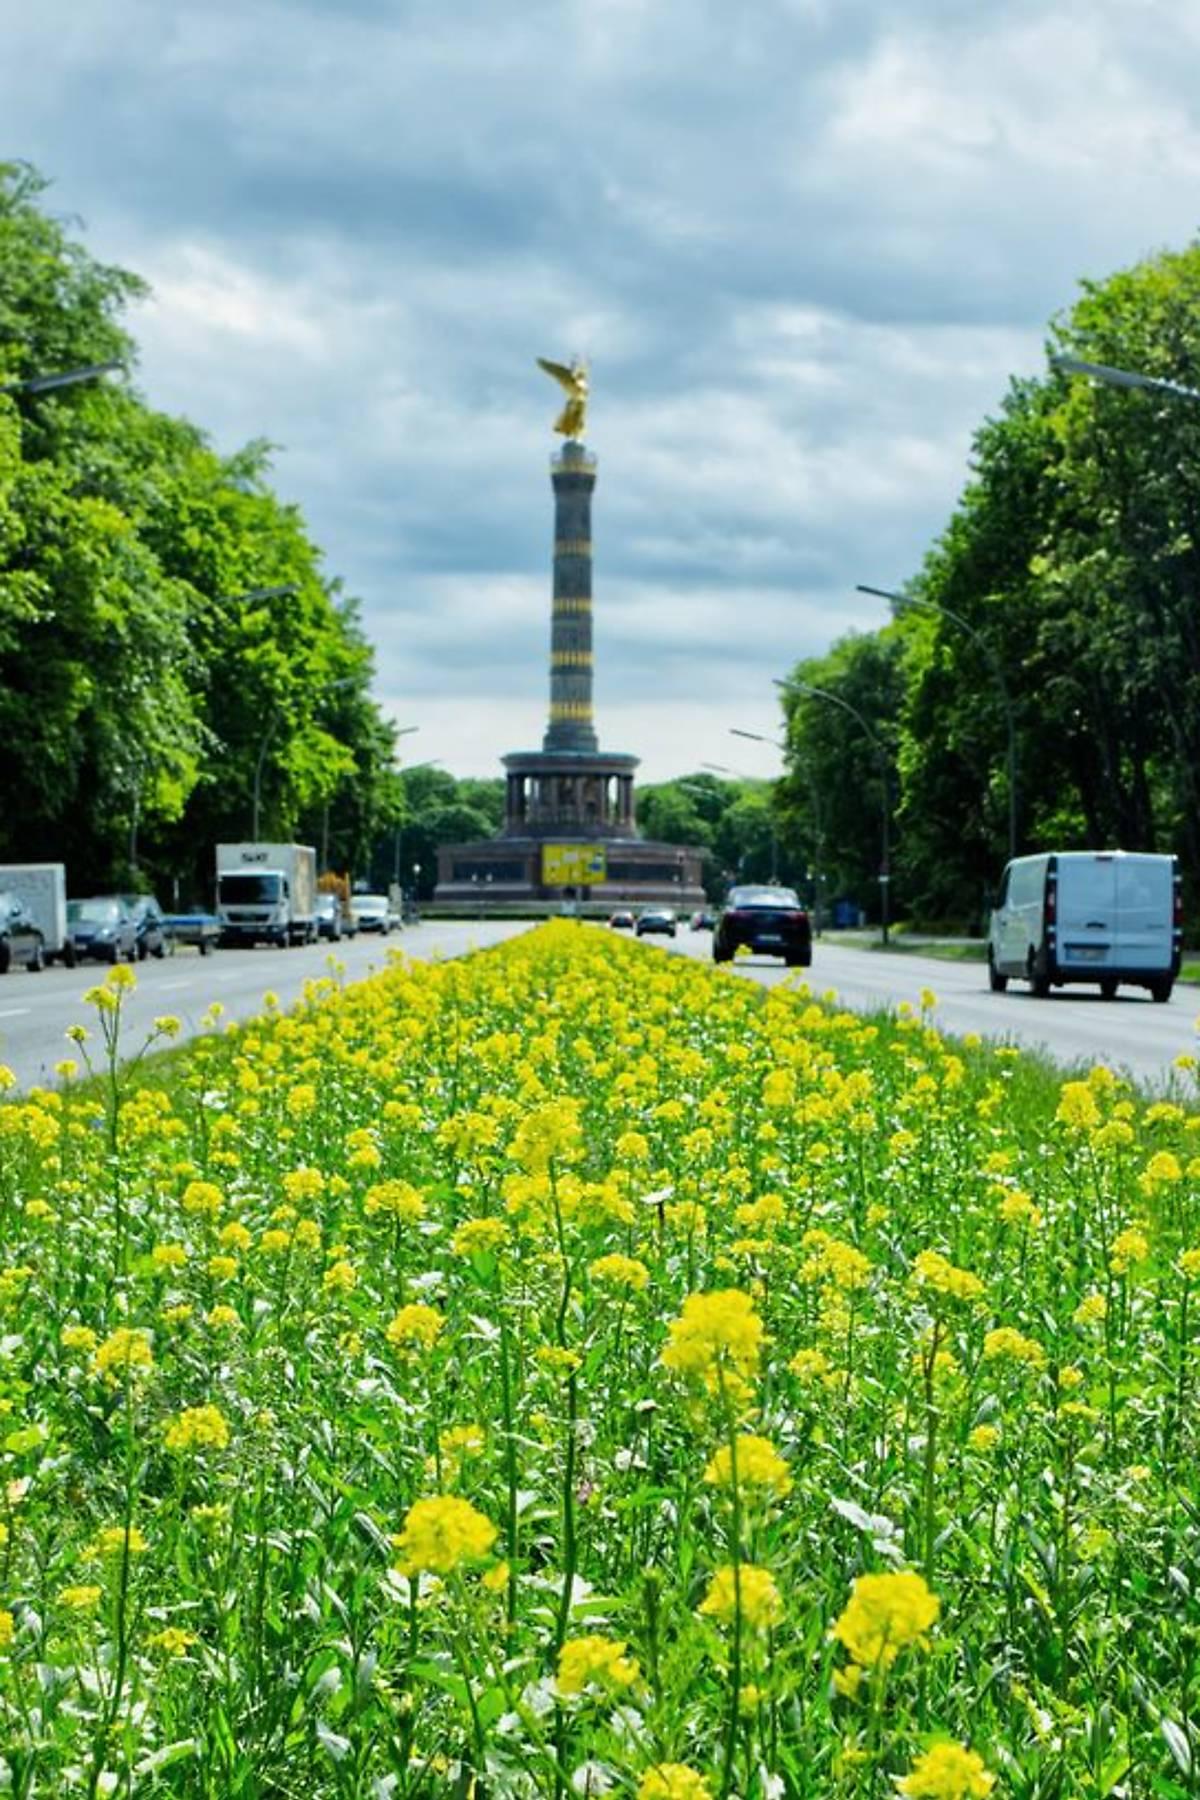 berlin-wildbienenseite